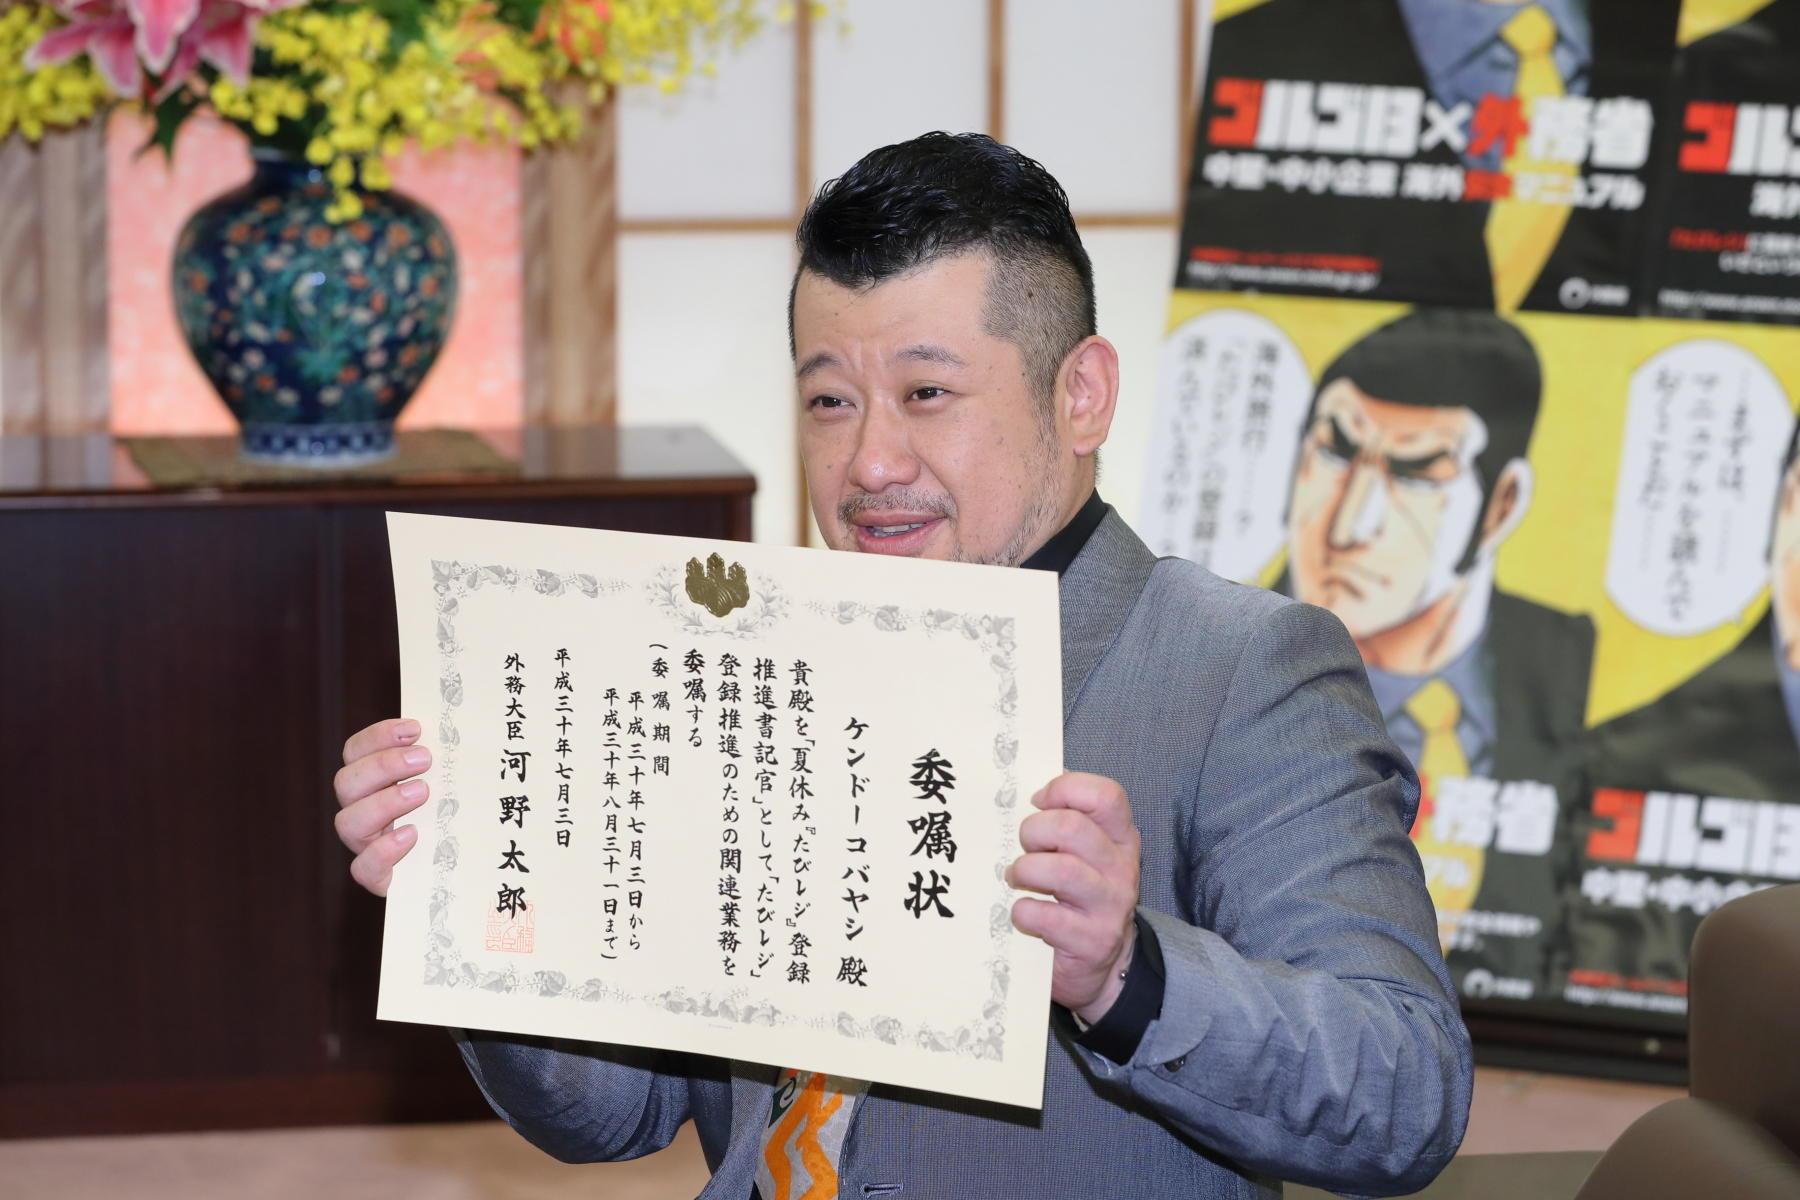 http://news.yoshimoto.co.jp/20180706232154-cd33ba67bd7c7988aa414f18417b8d43410d9b6a.jpg